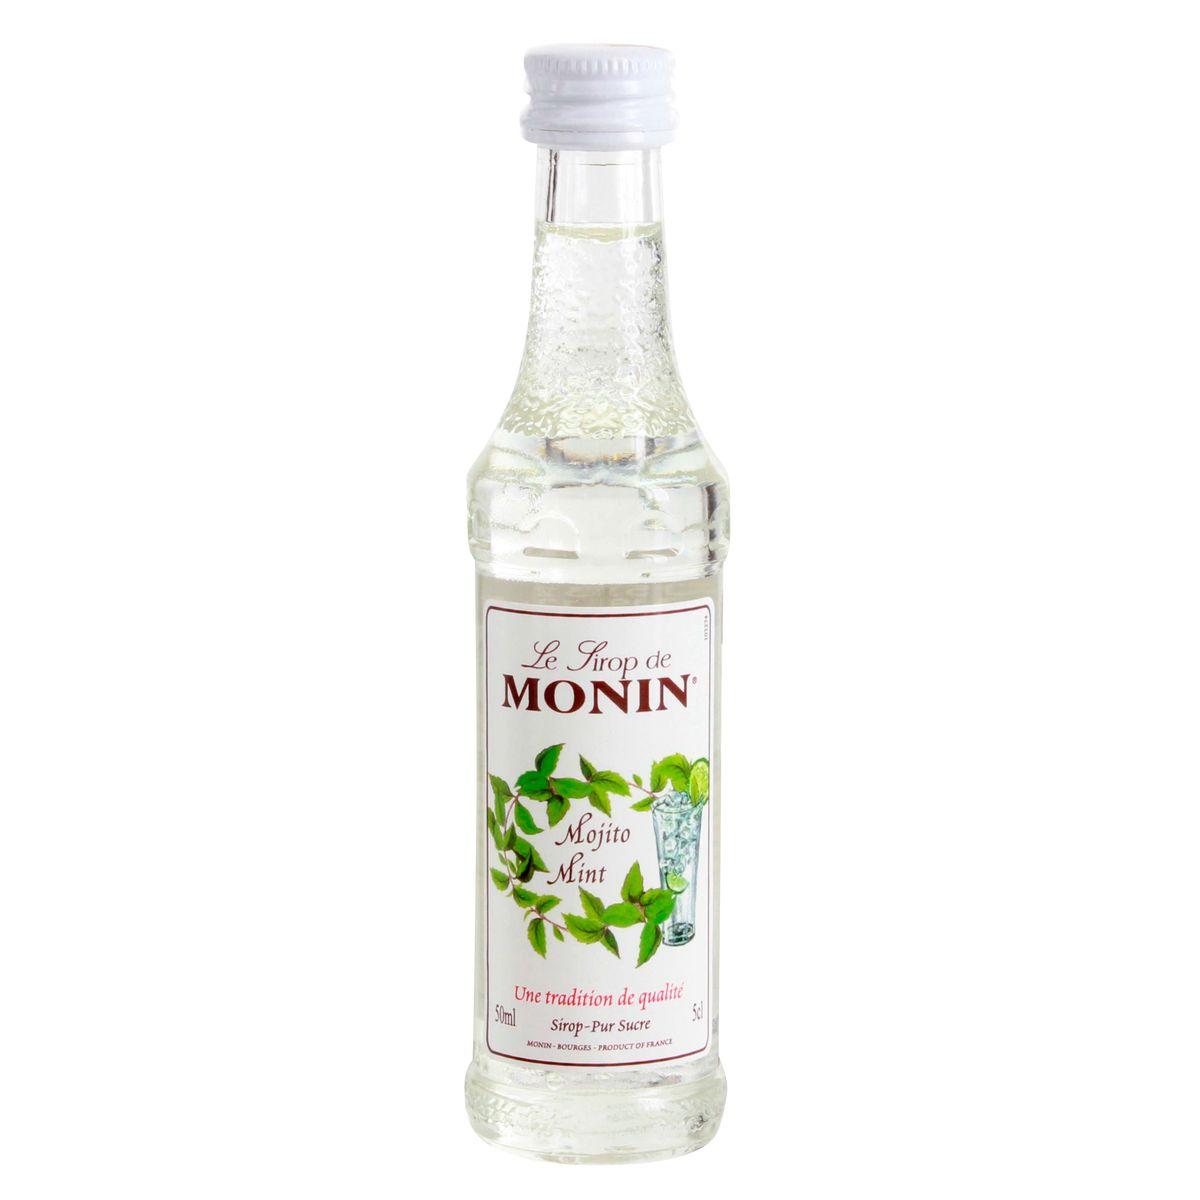 Mignonette sirop - mojito - Monin